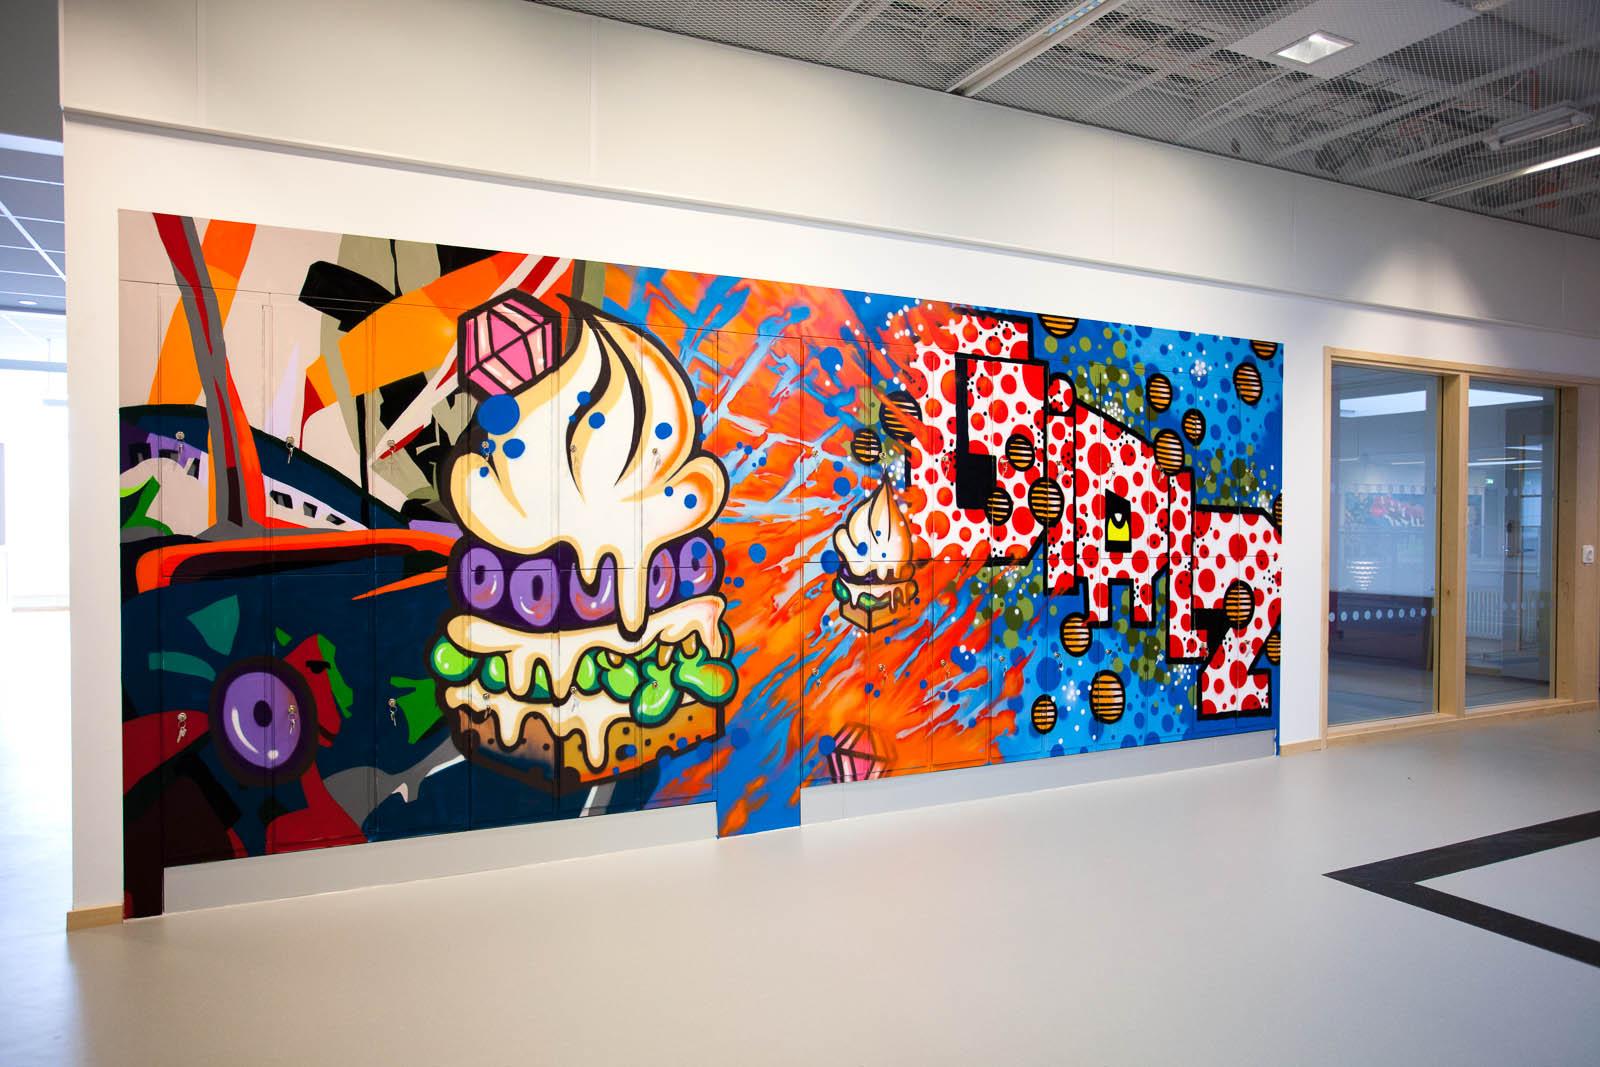 Pärra Andreasson (konstnärlig ledare), Vad Vi Vill, 2013. Graffiti i flera delar på skåp, med en total yta av 180 kvadratmeter. 22 graffitimålare från hela världen var inbjudna att bidra med sin egna, unika stil. För Söndrumsskolan i Halmst